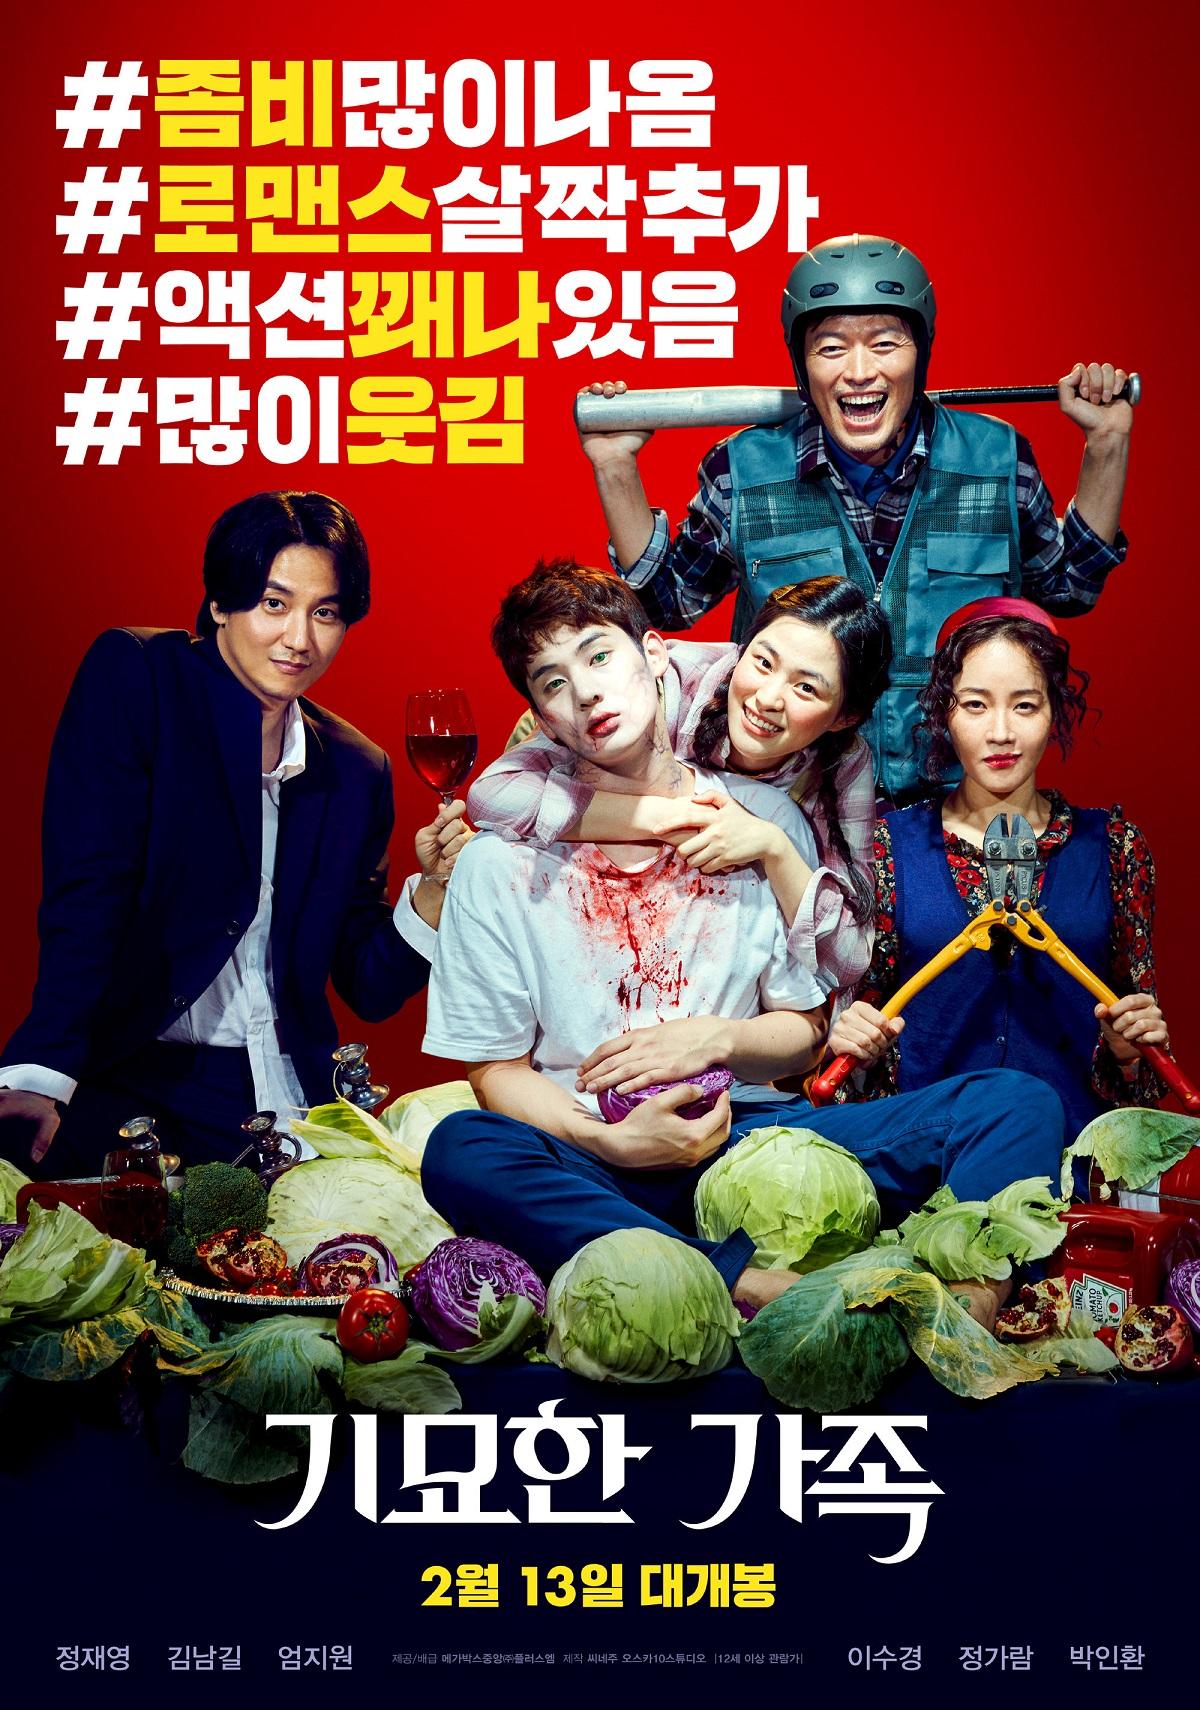 بهترین فیلم های کره ای کمدی